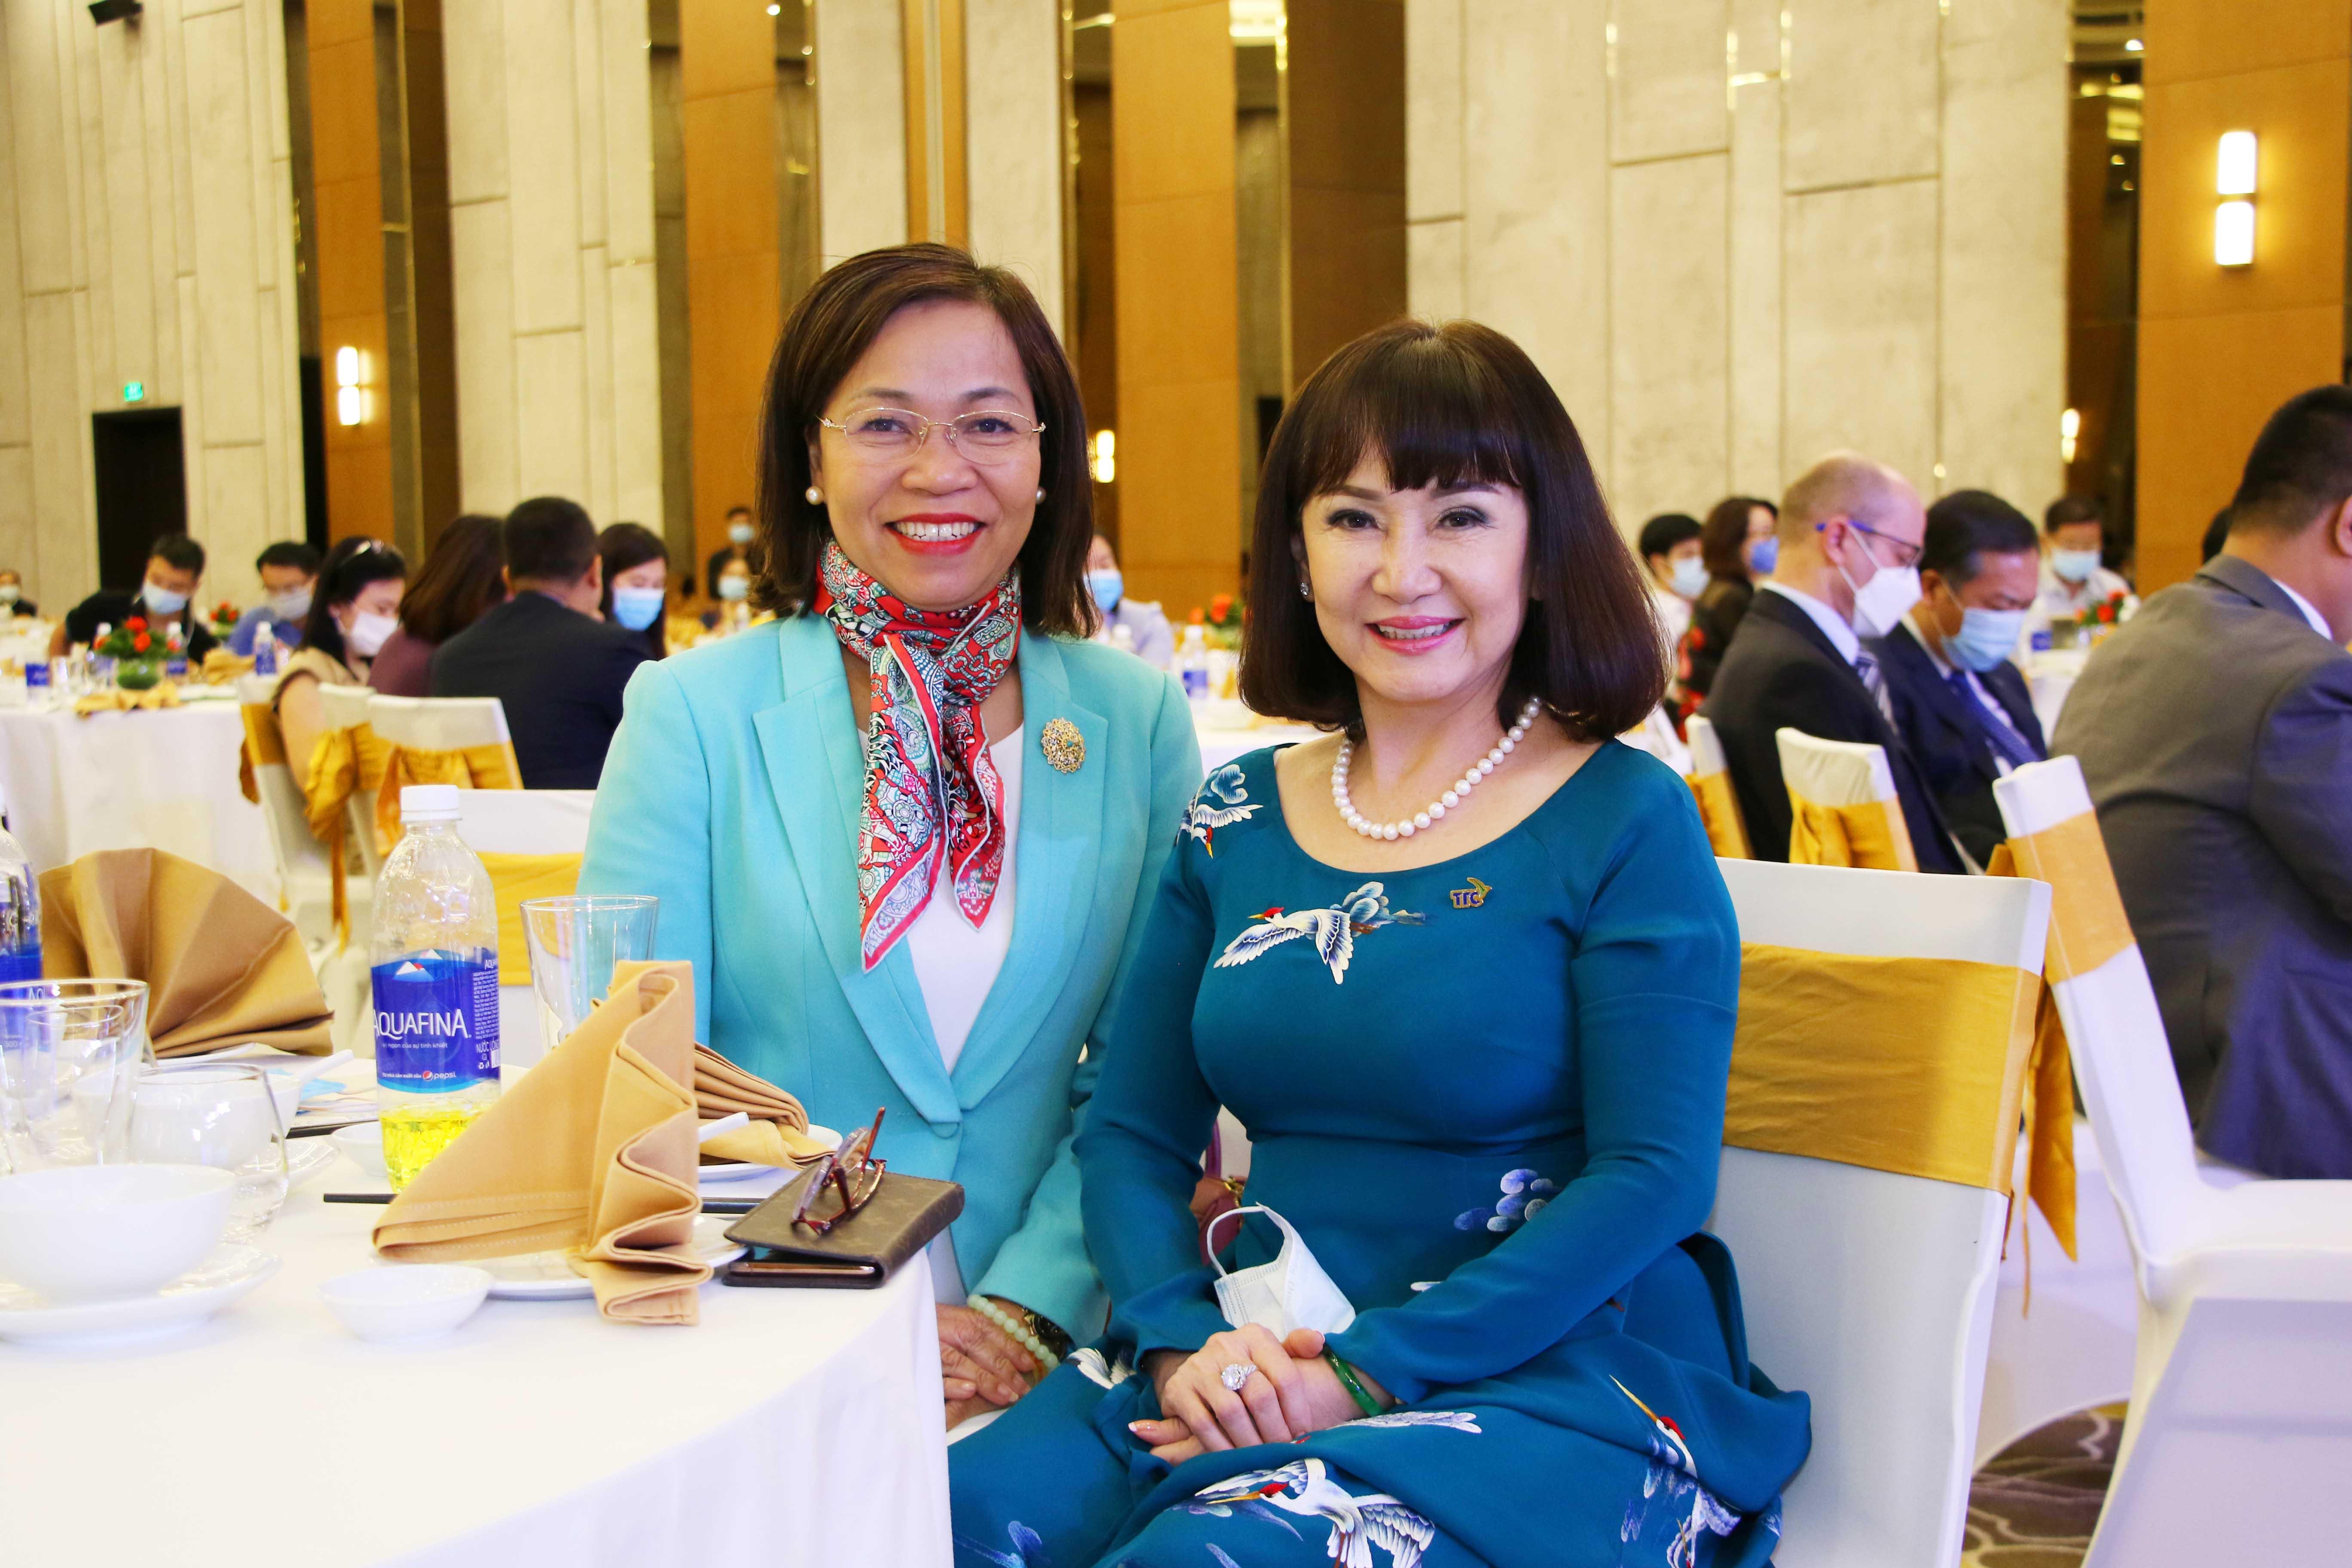 https://www.aravietnam.vn/wp-content/uploads/2020/12/6_Các-doanh-nghiệp-và-các-công-ty-kiểm-toán-cùng-tham-dự..jpg